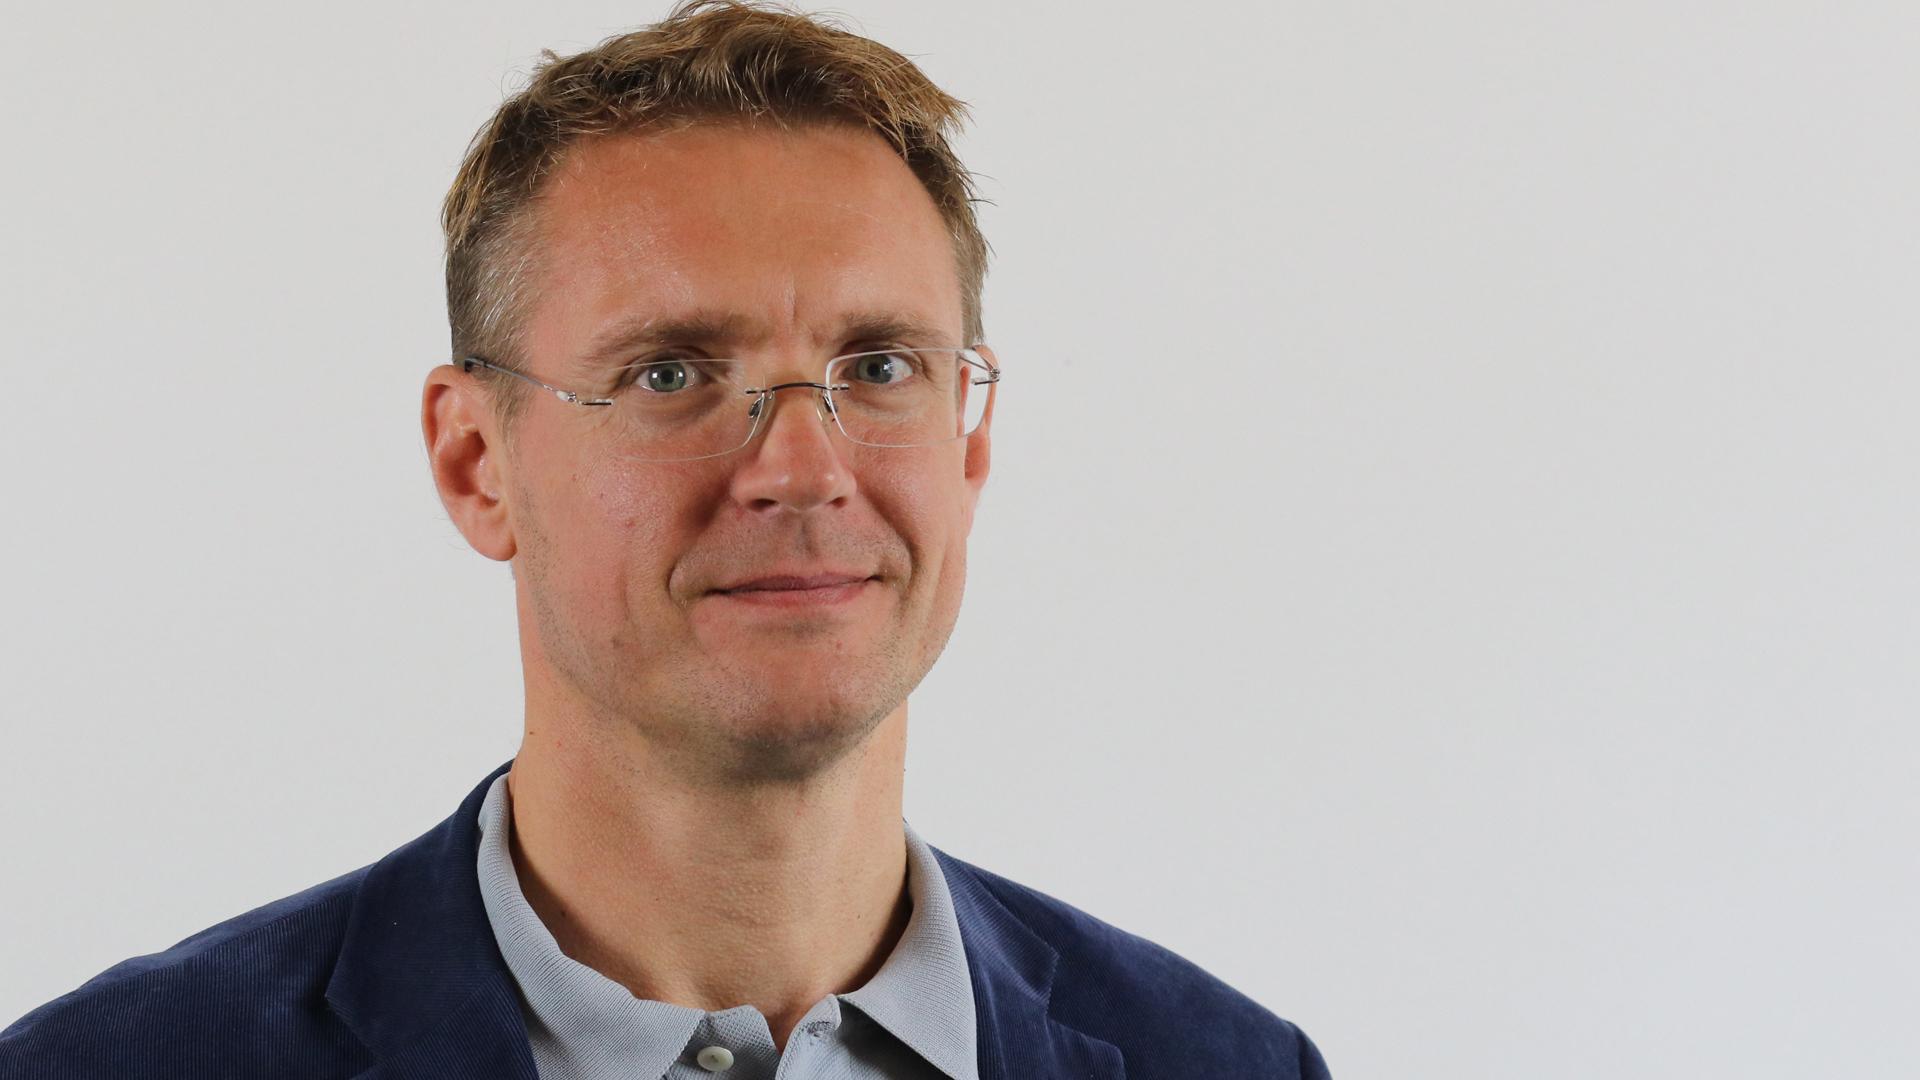 """Medienpädagoge Stefan Piasecki: """"Medienbildung darf kein Spartenfach sein von Freaks"""""""